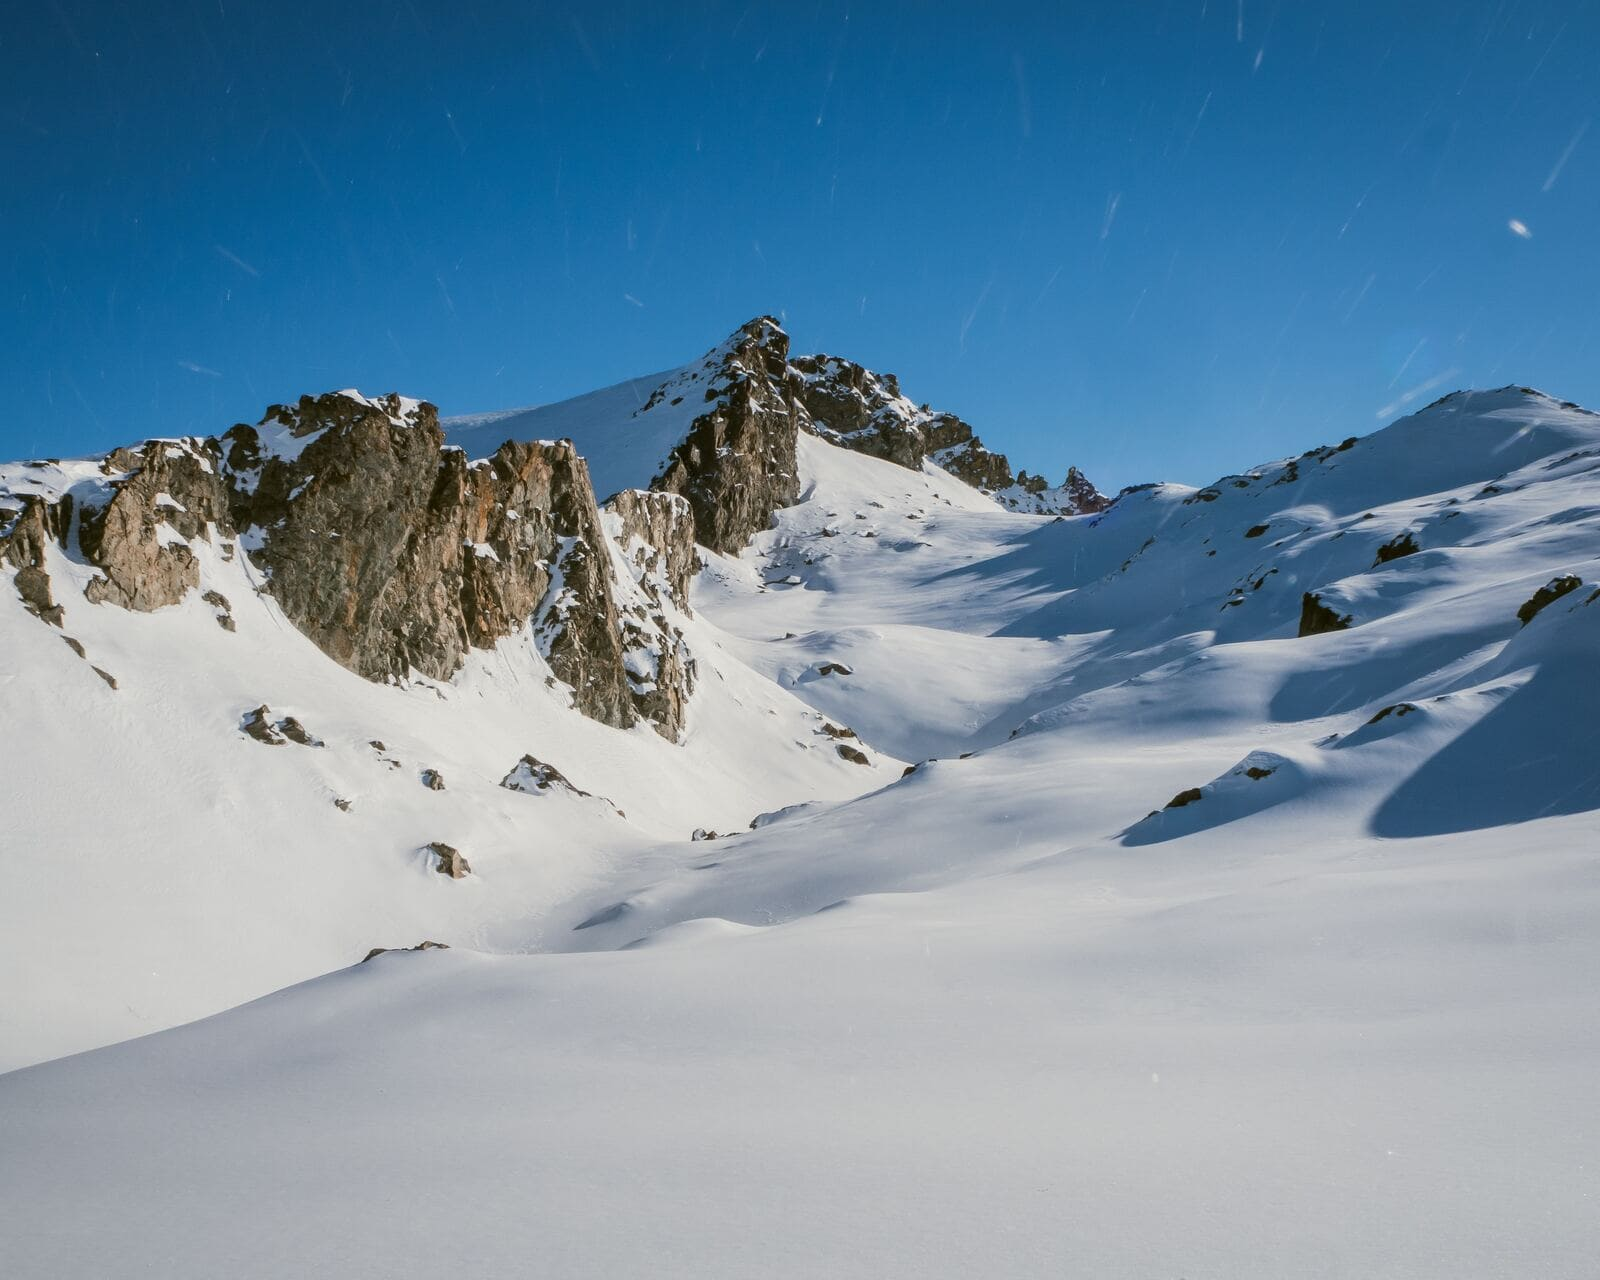 Les Deux Alpes, France